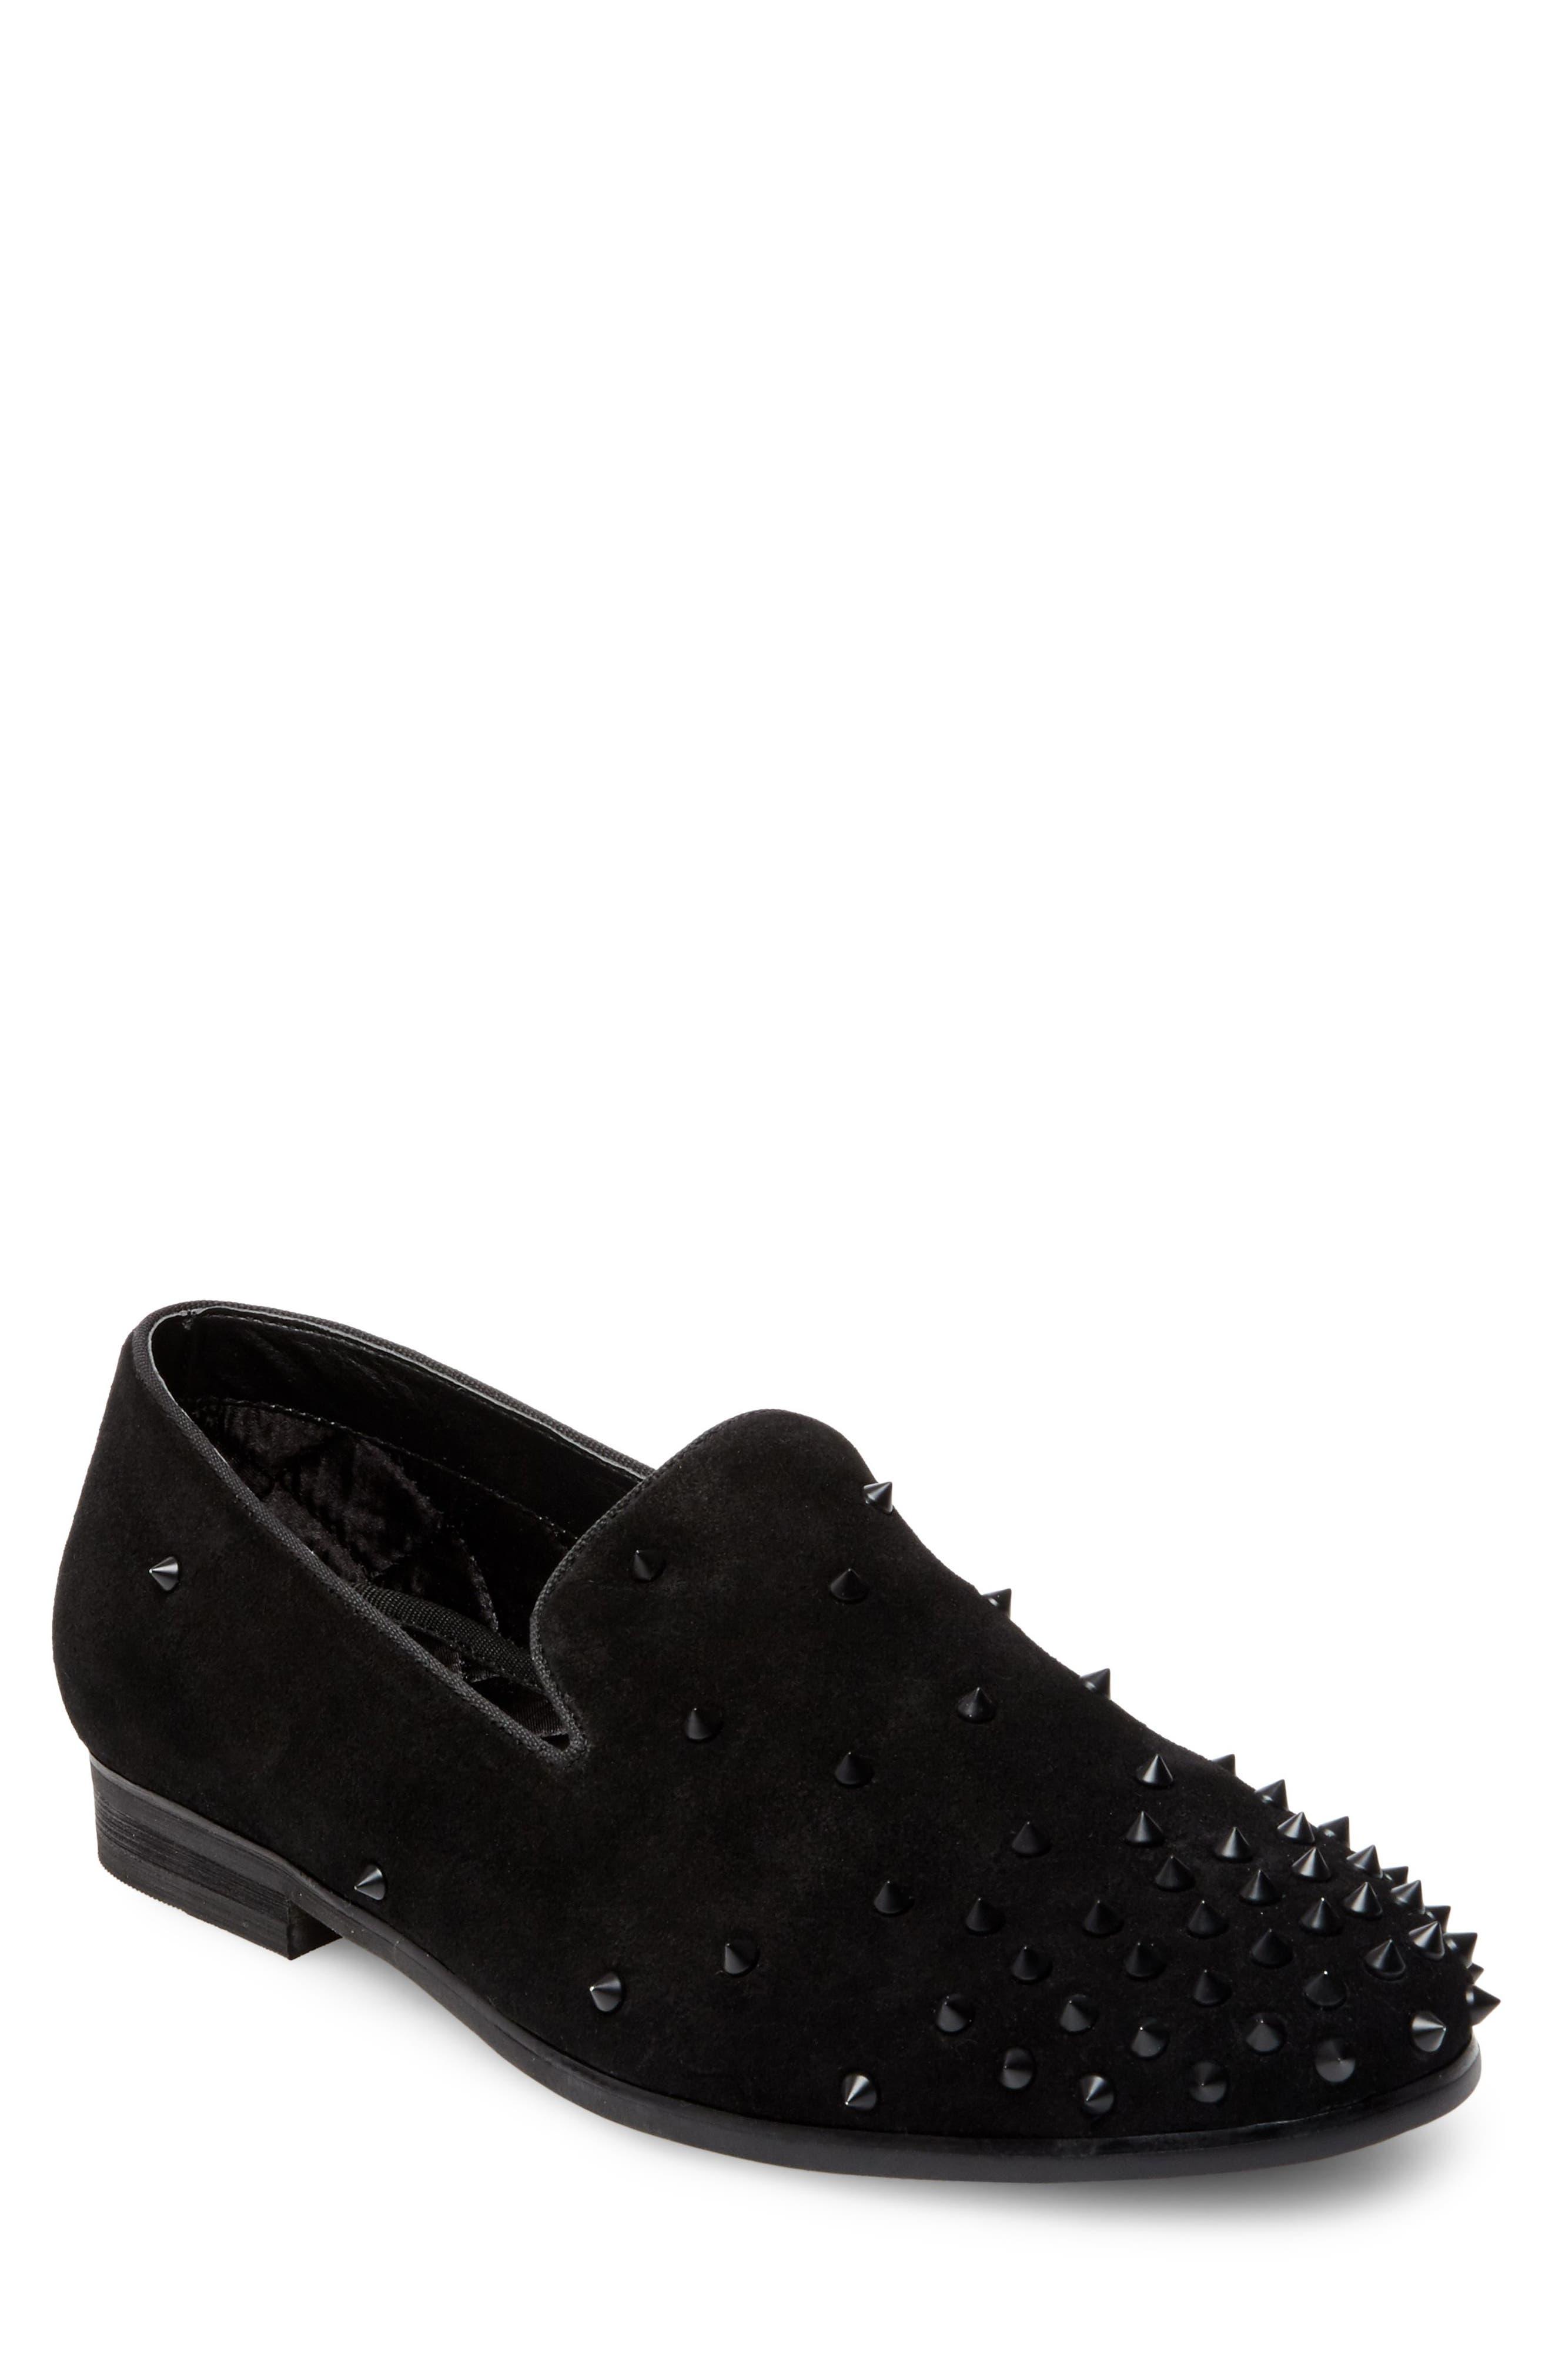 Steve Madden Cascade Studded Loafer